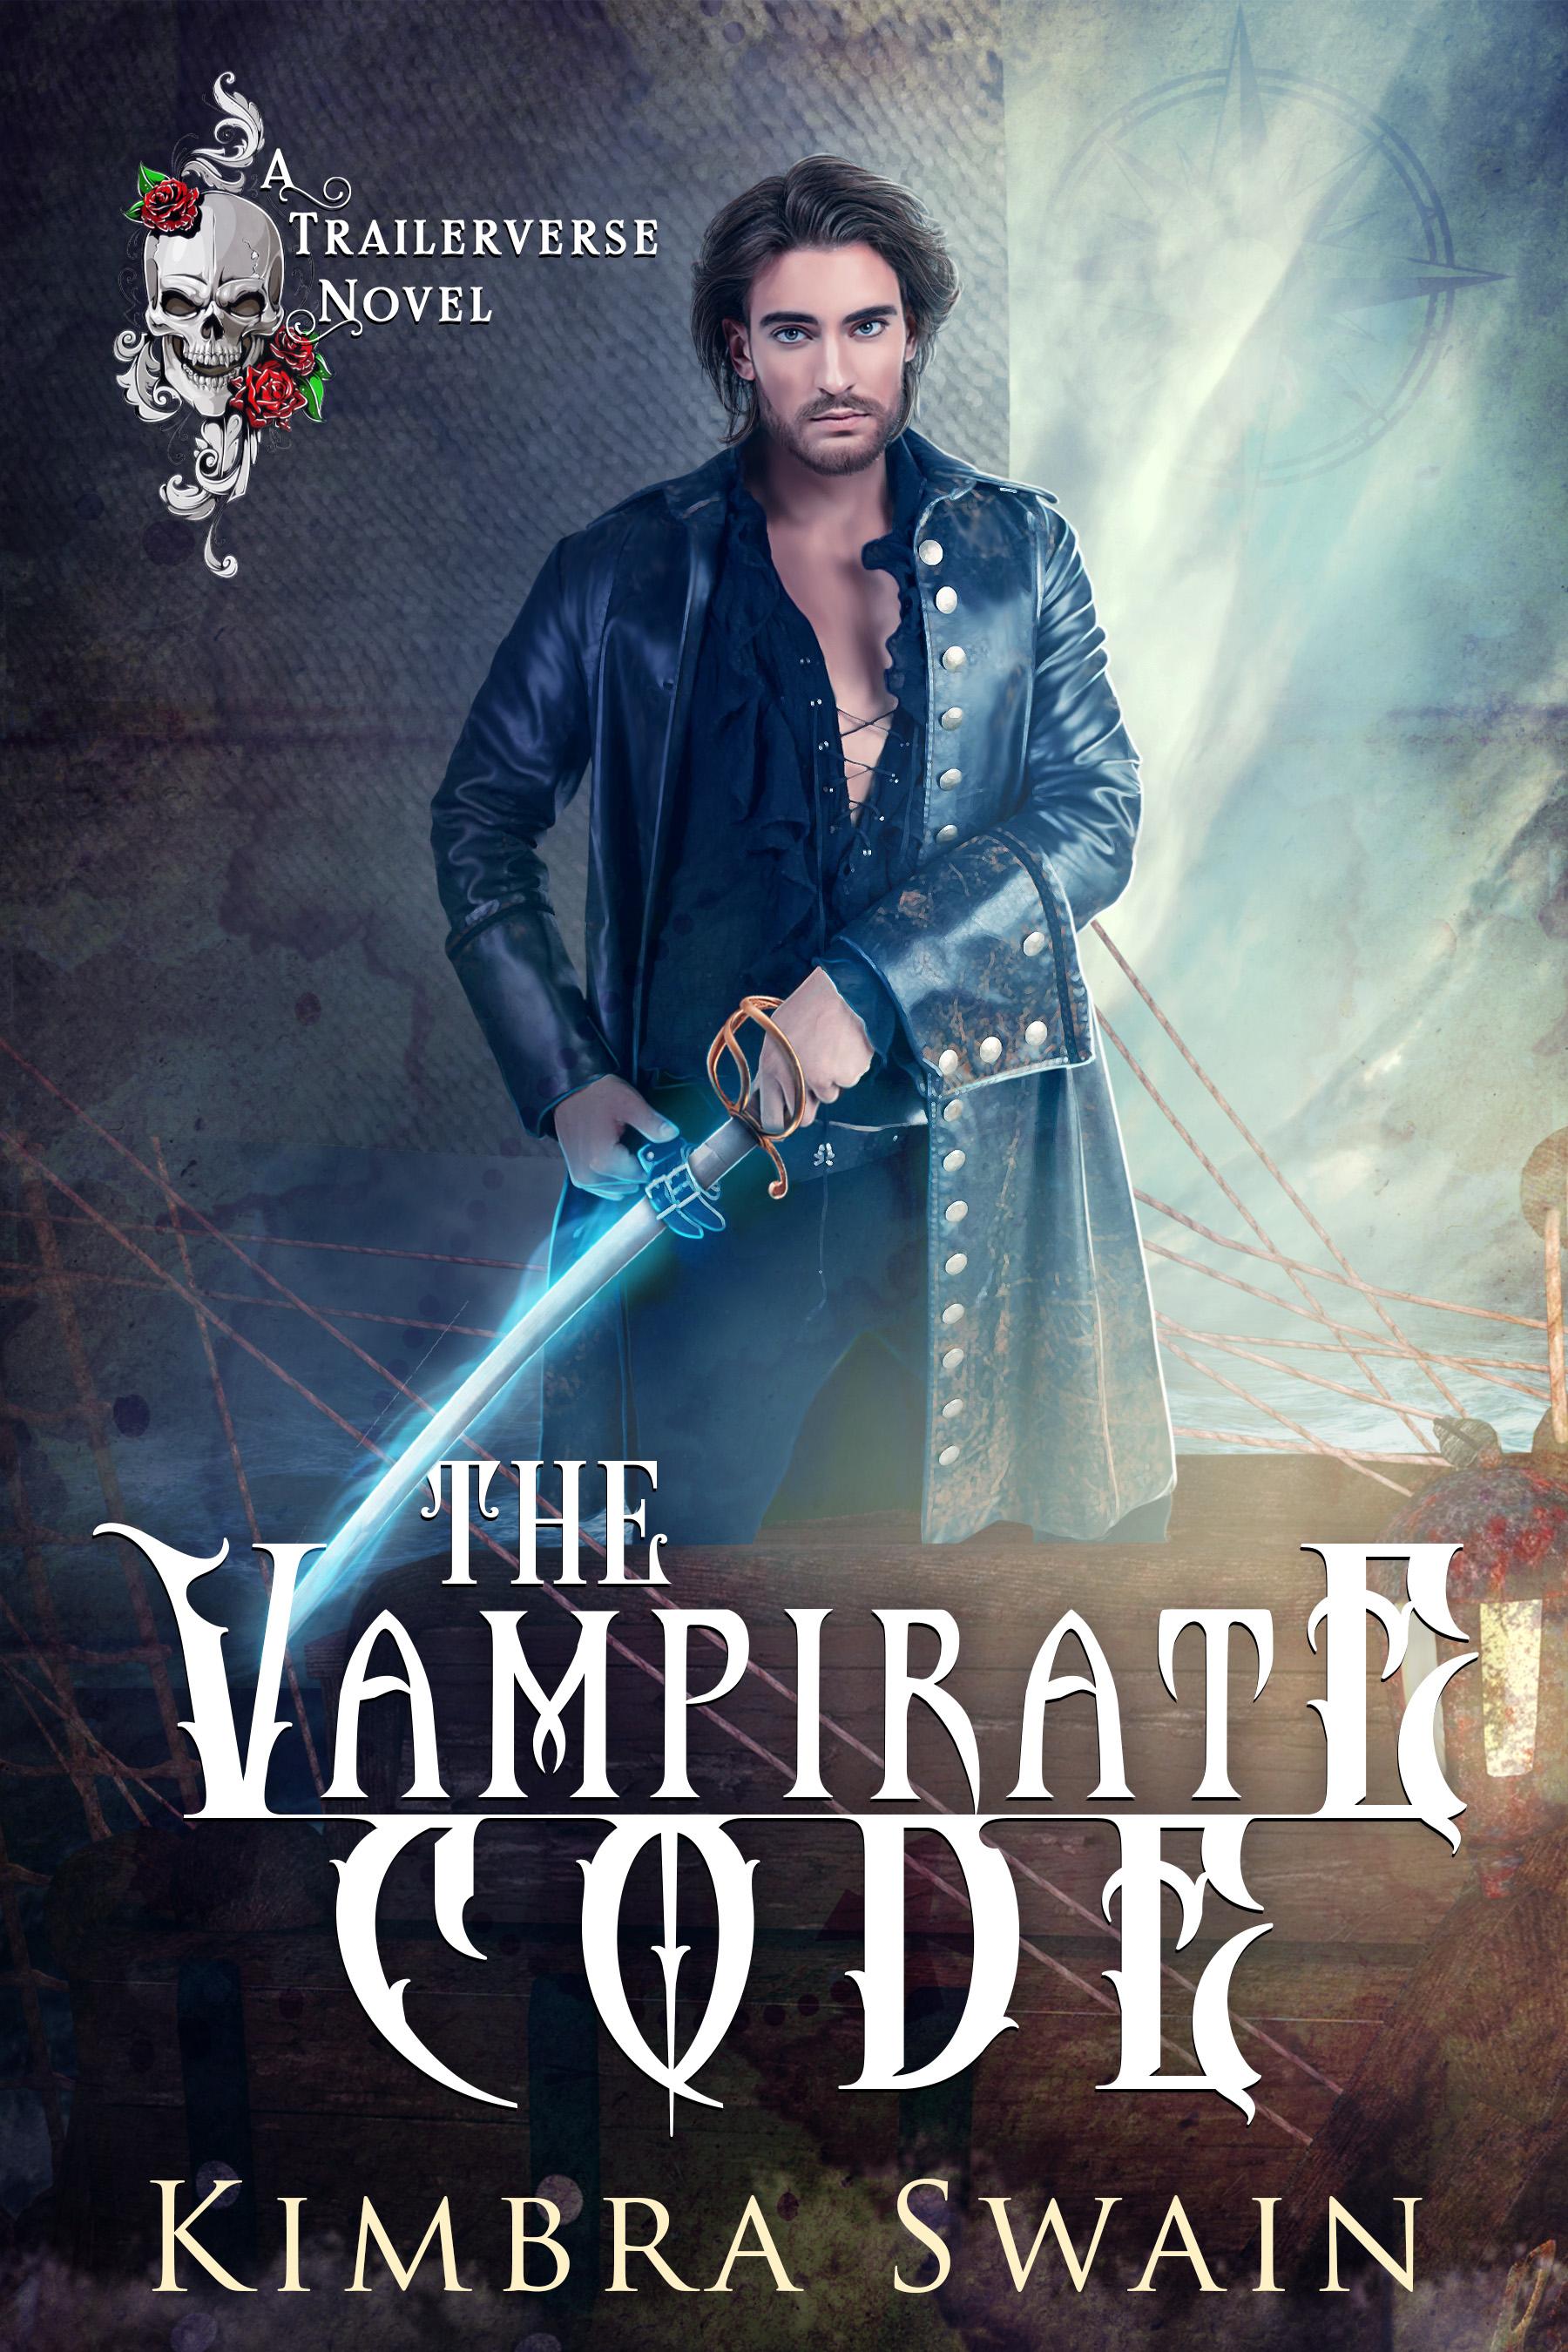 The Vampirate Code